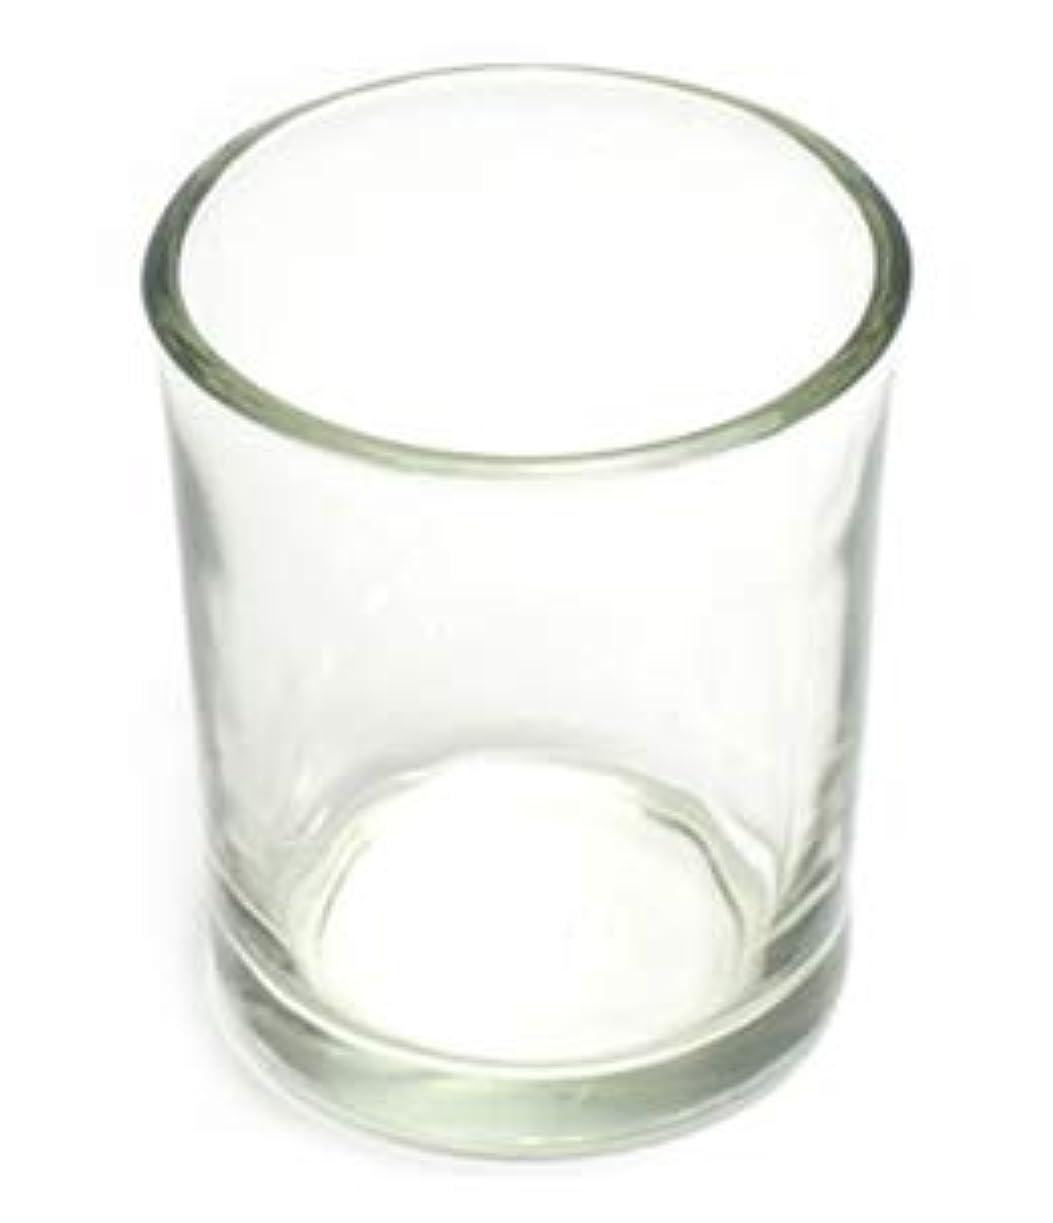 チャンバー団結する炎上キャンドルホルダー ガラス シンプル[小] 1個 キャンドルスタンド 透明 クリア おしゃれ ろうそく立て